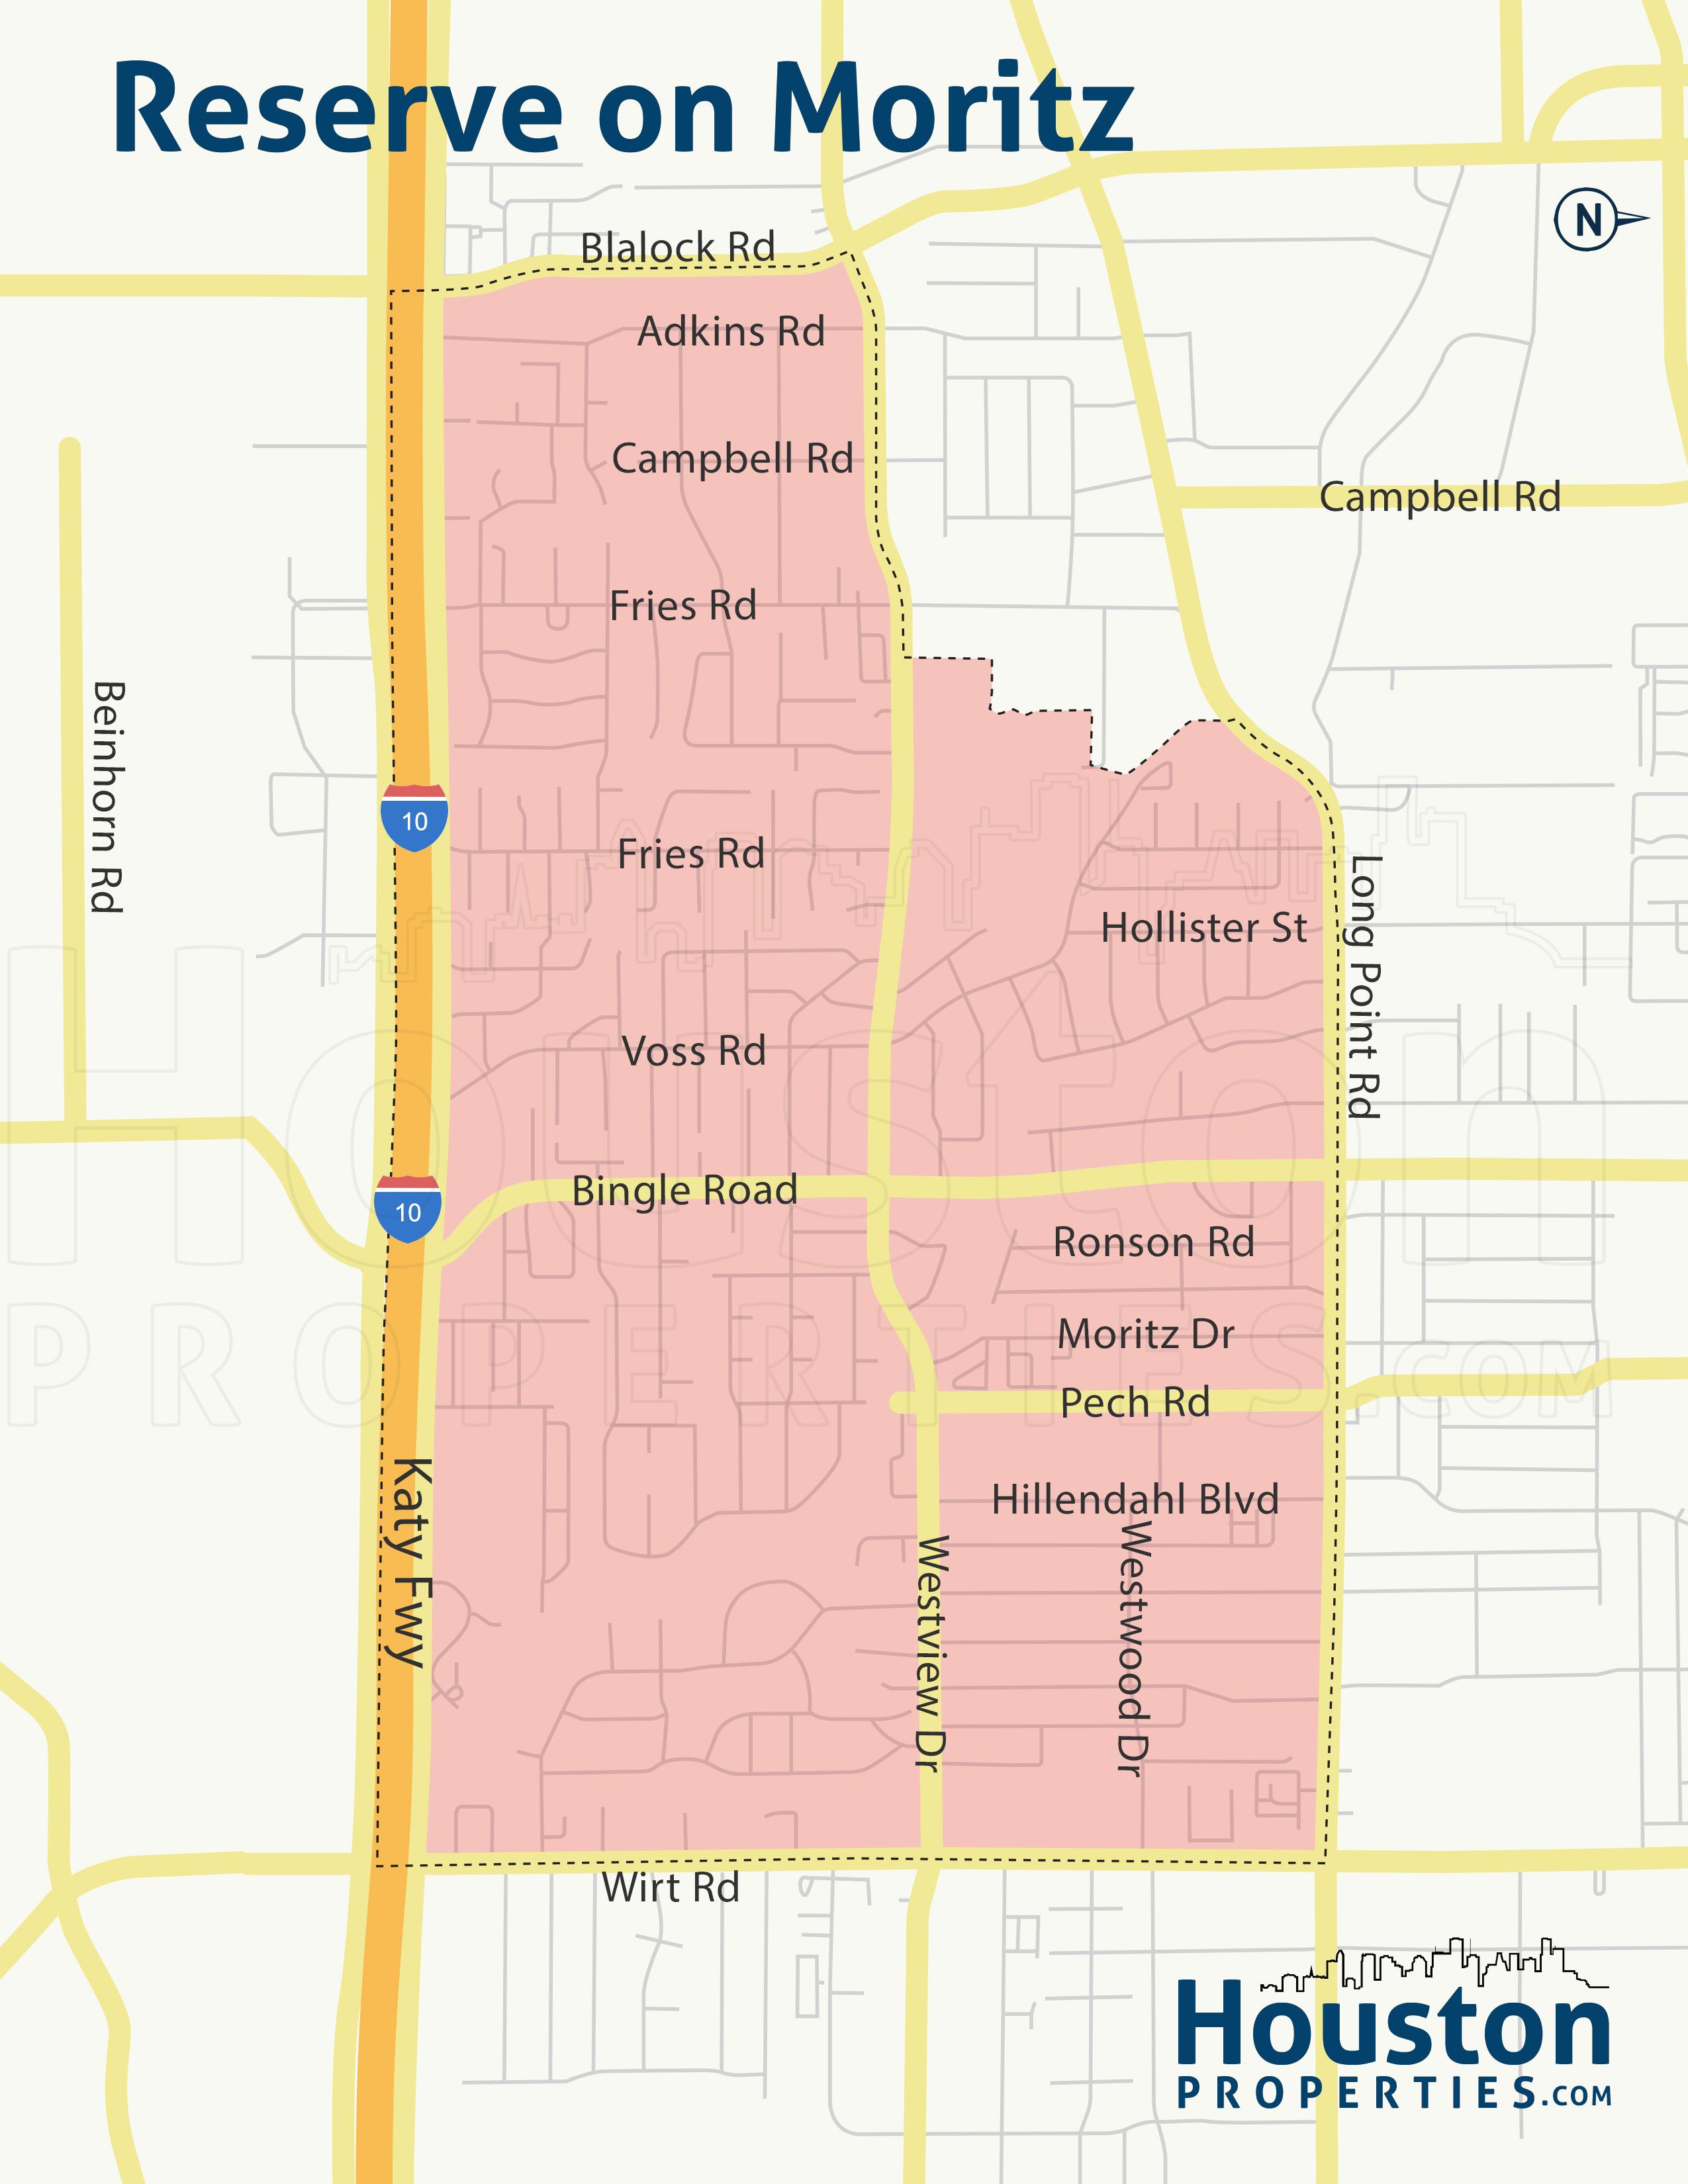 Reserve on Moritz neighborhood map